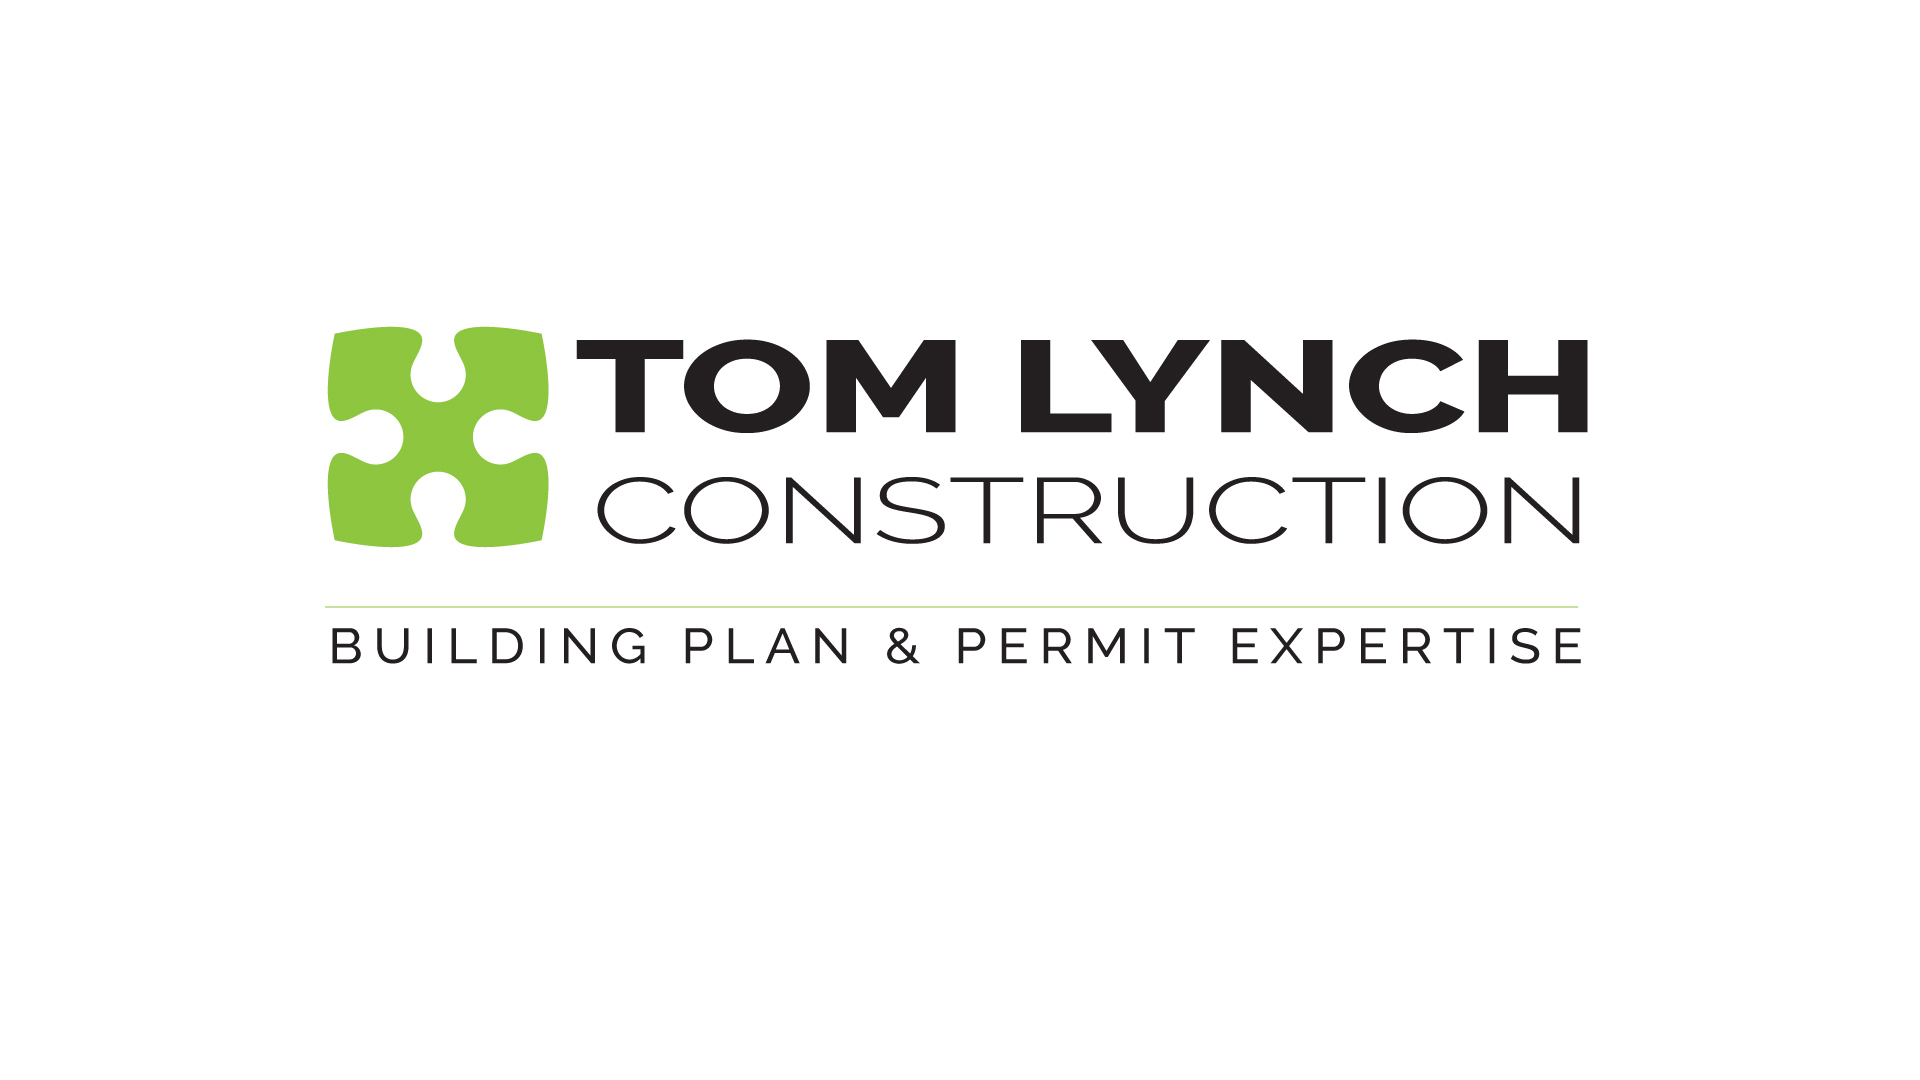 Sonoma County Construction Company Logo